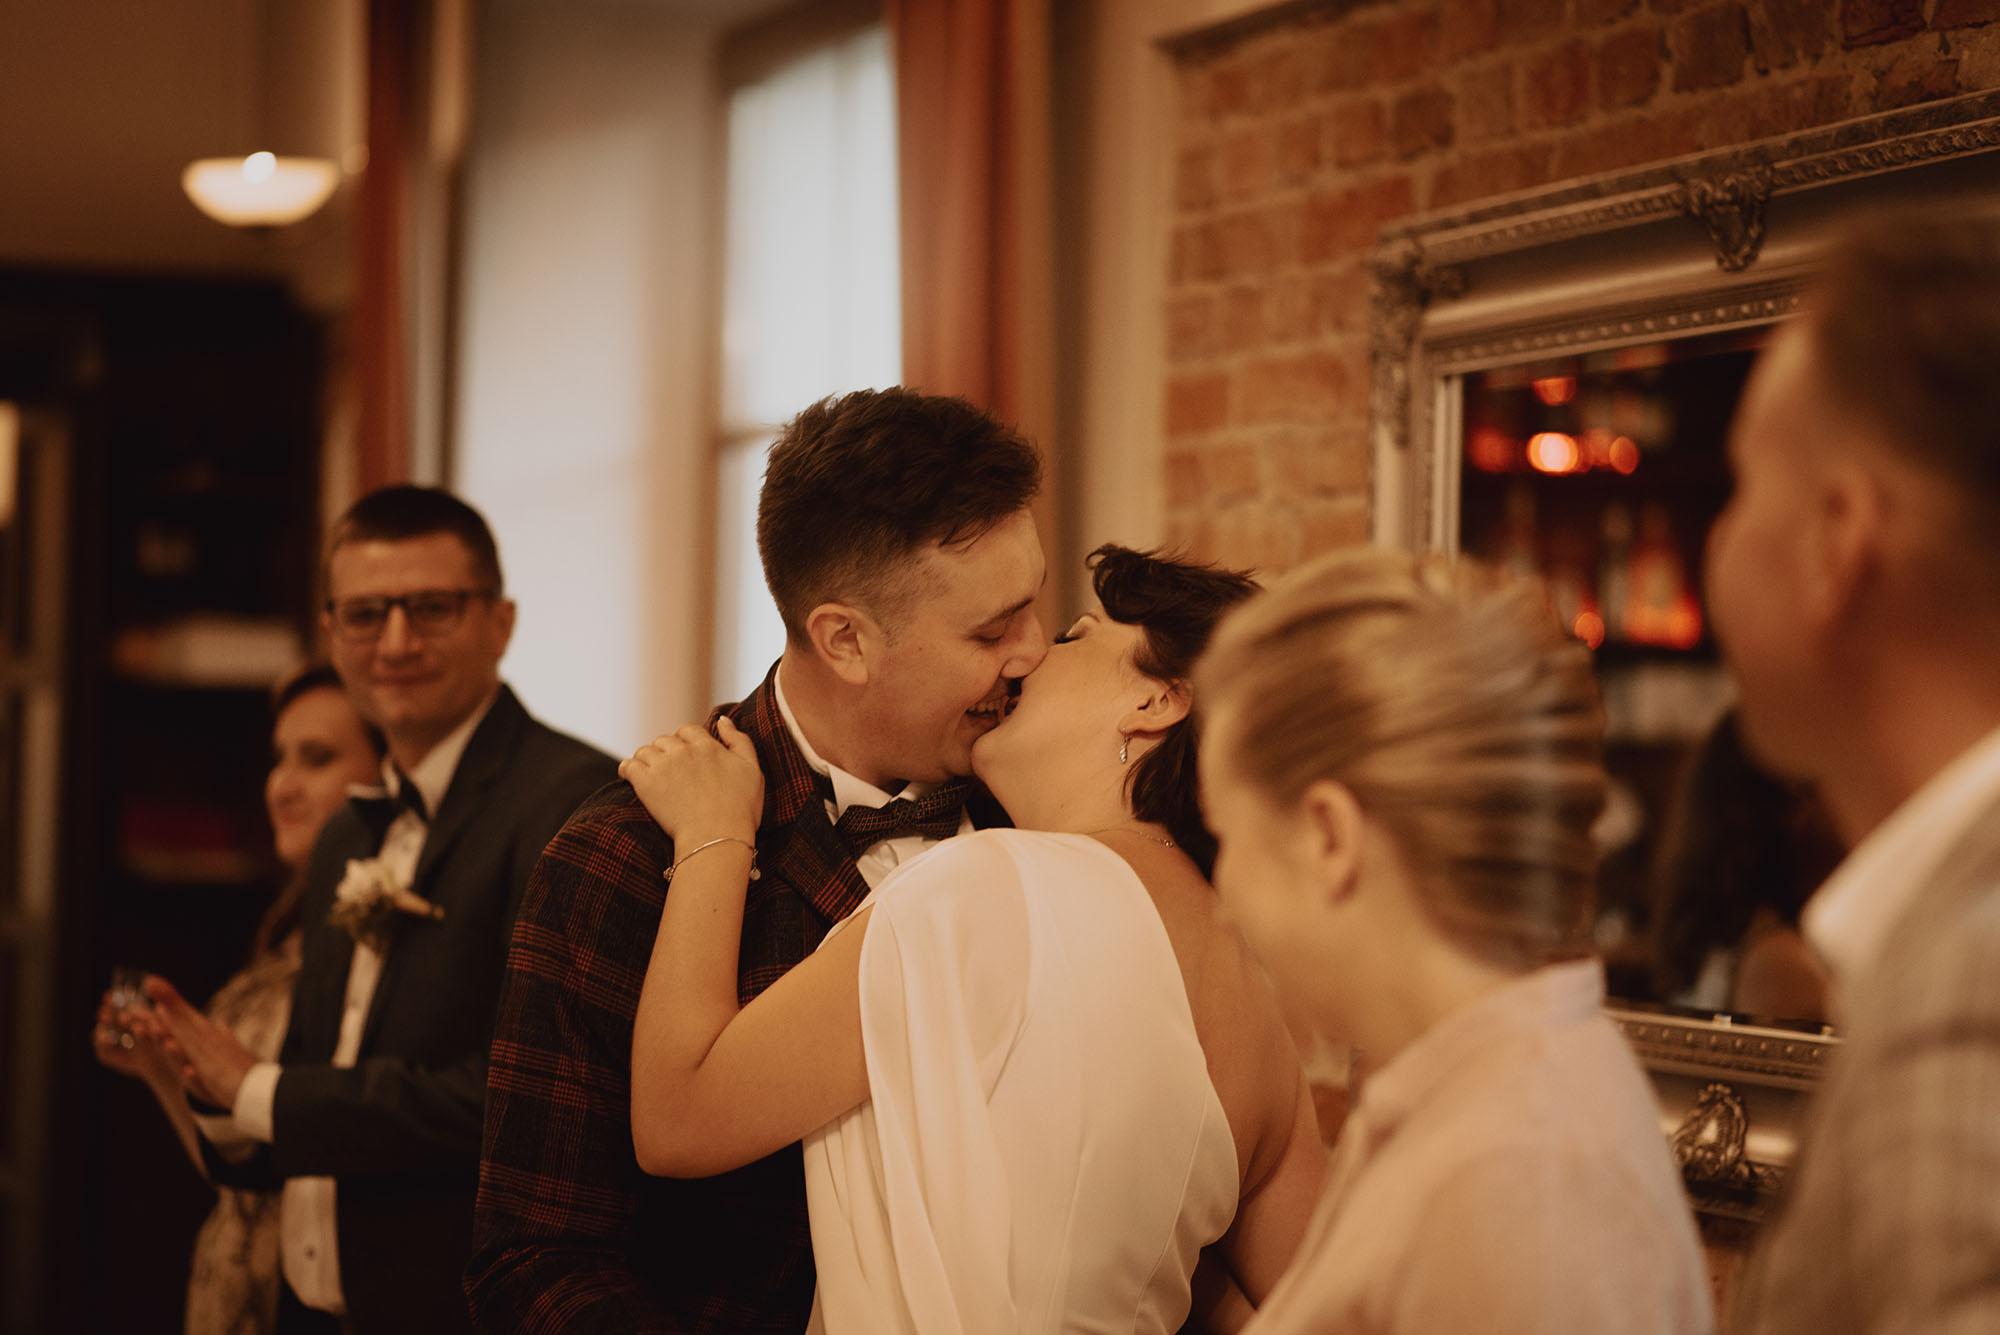 slub plenerowy dworek korytkow 00018 - Plenerowy ślub w Dworku Korytków